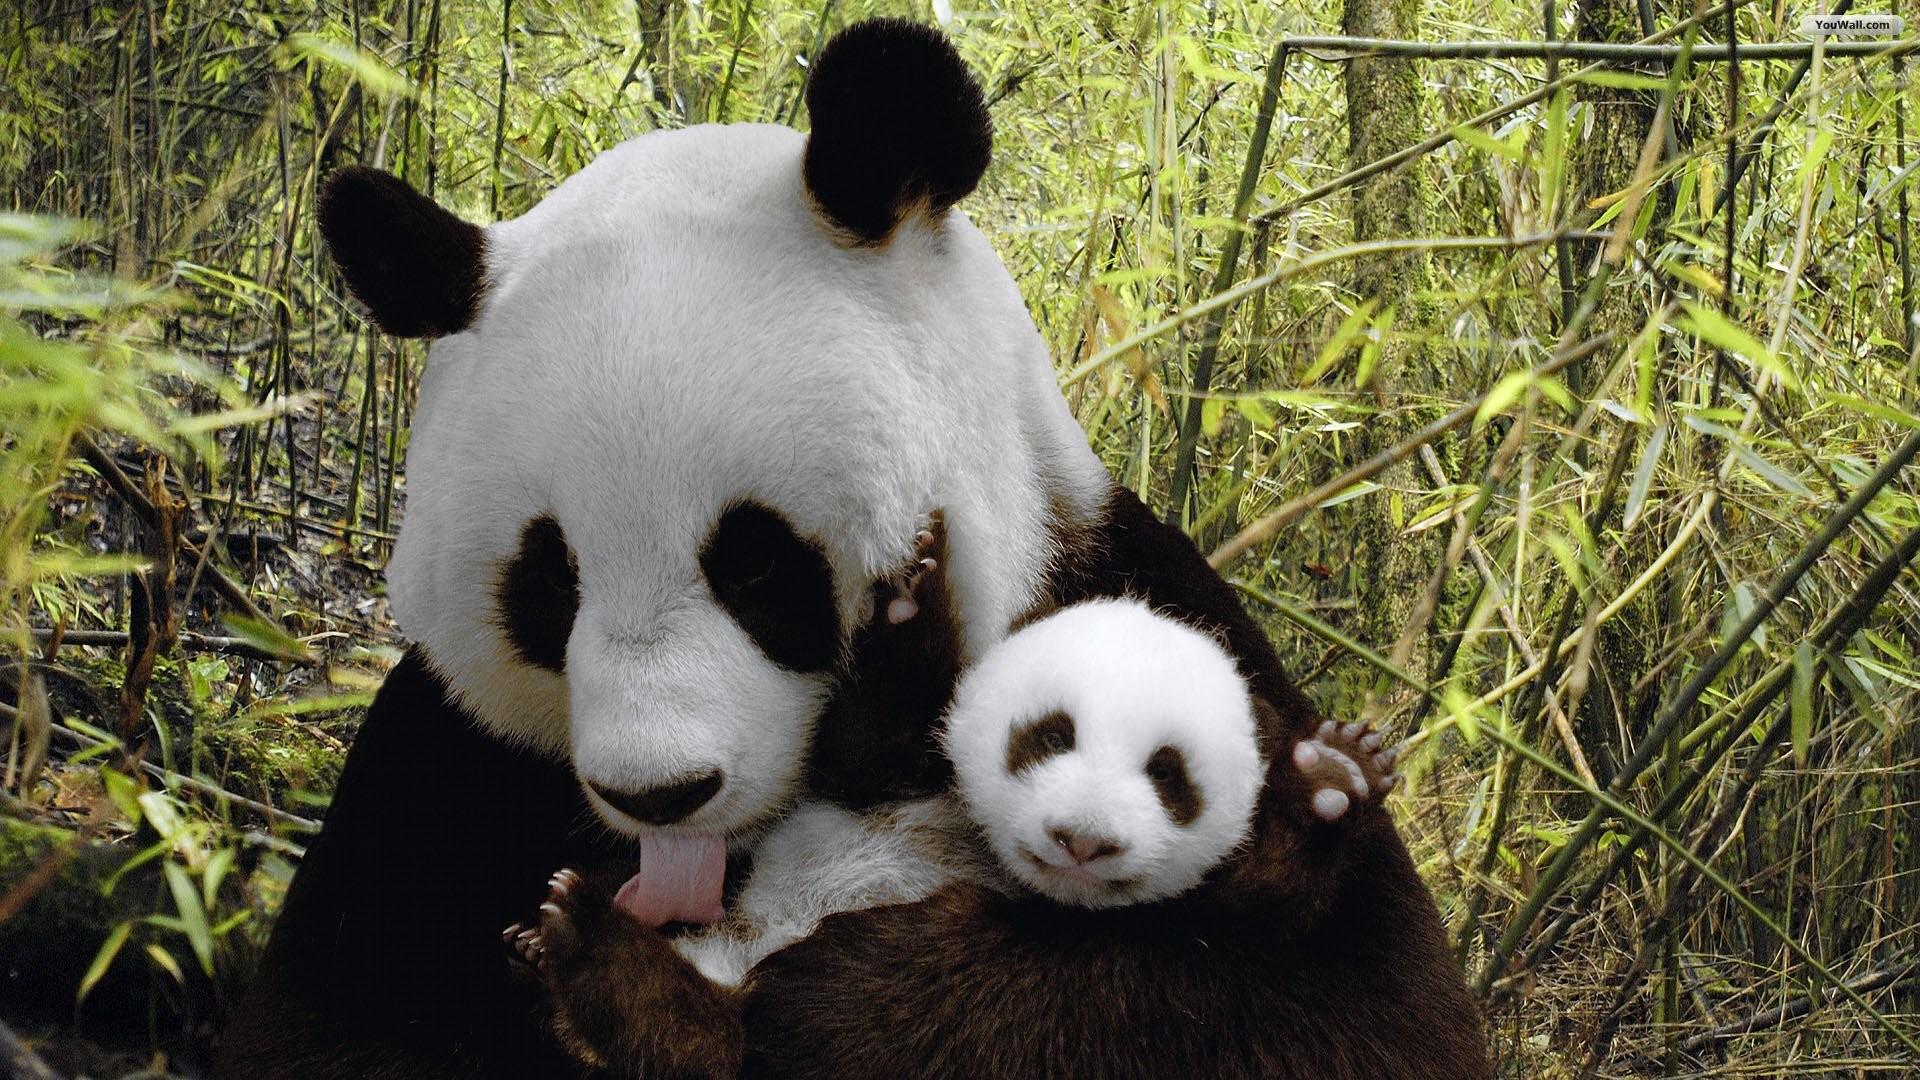 Panda Bears In Love Wallpaper – ImgMob